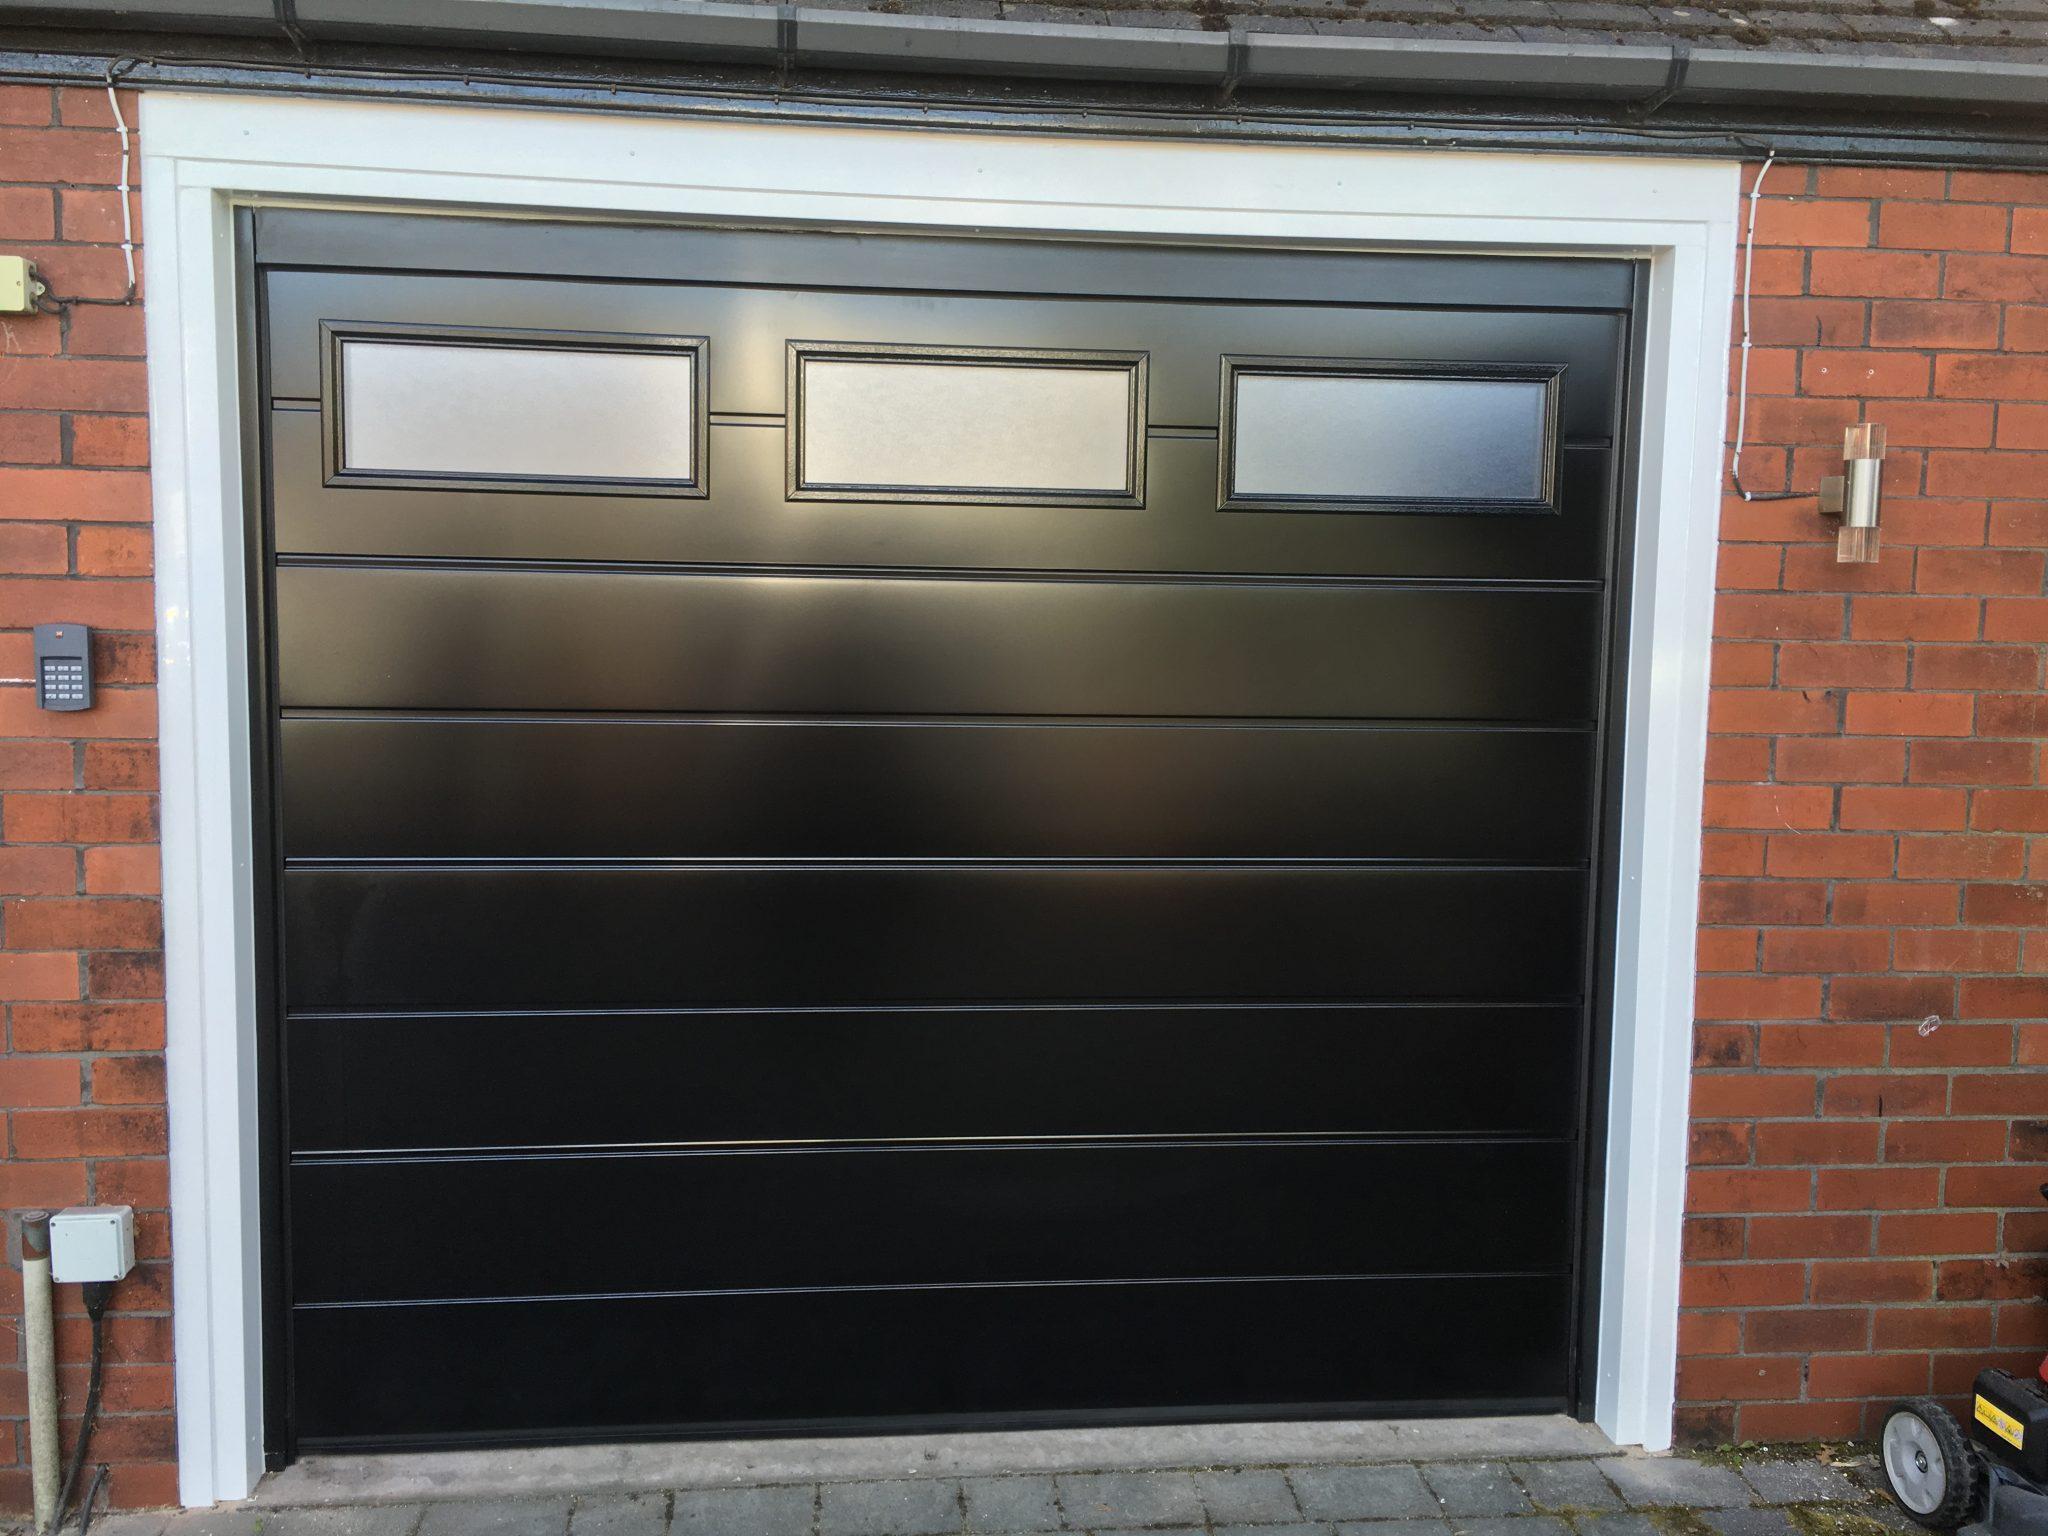 1536 #8E533D Garage Door Fitting In Worsley 2 image Garage Doors Manufacturers Usa 37632048